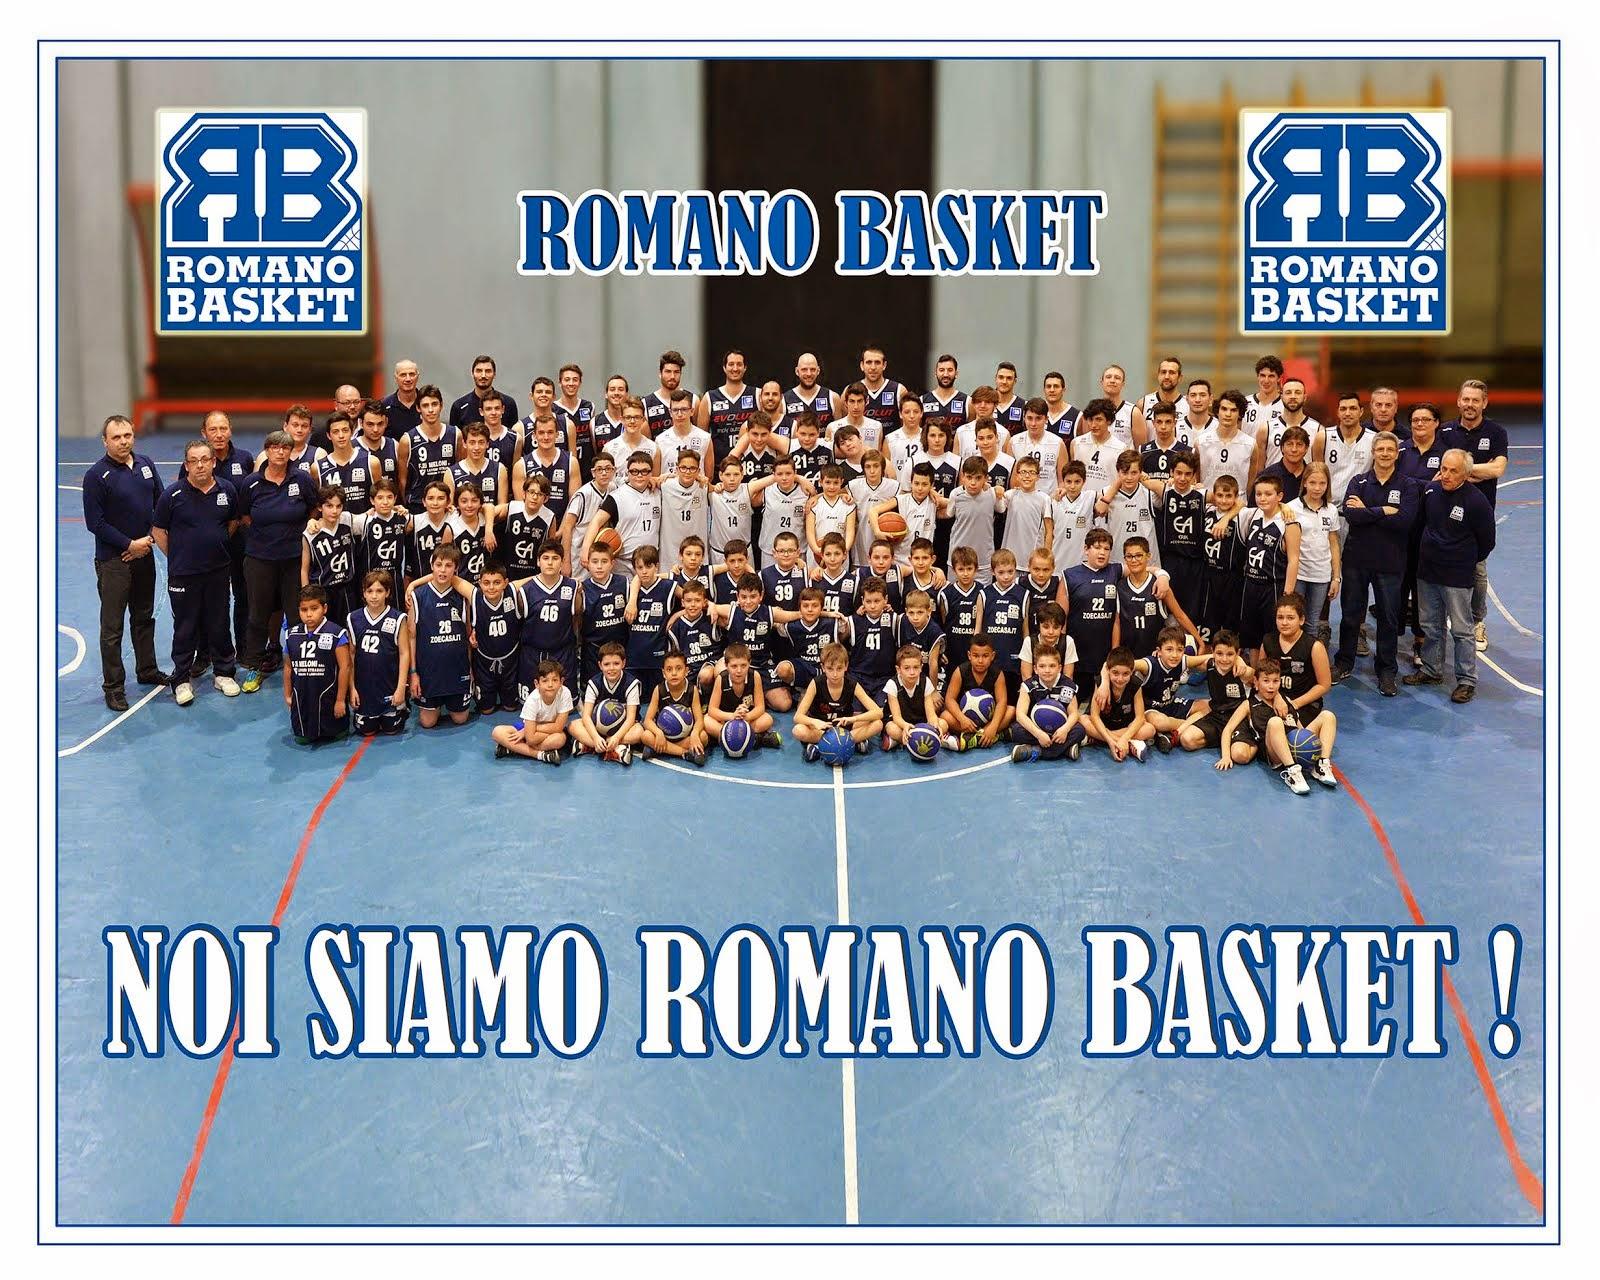 NOI SIAMO ROMANO BASKET